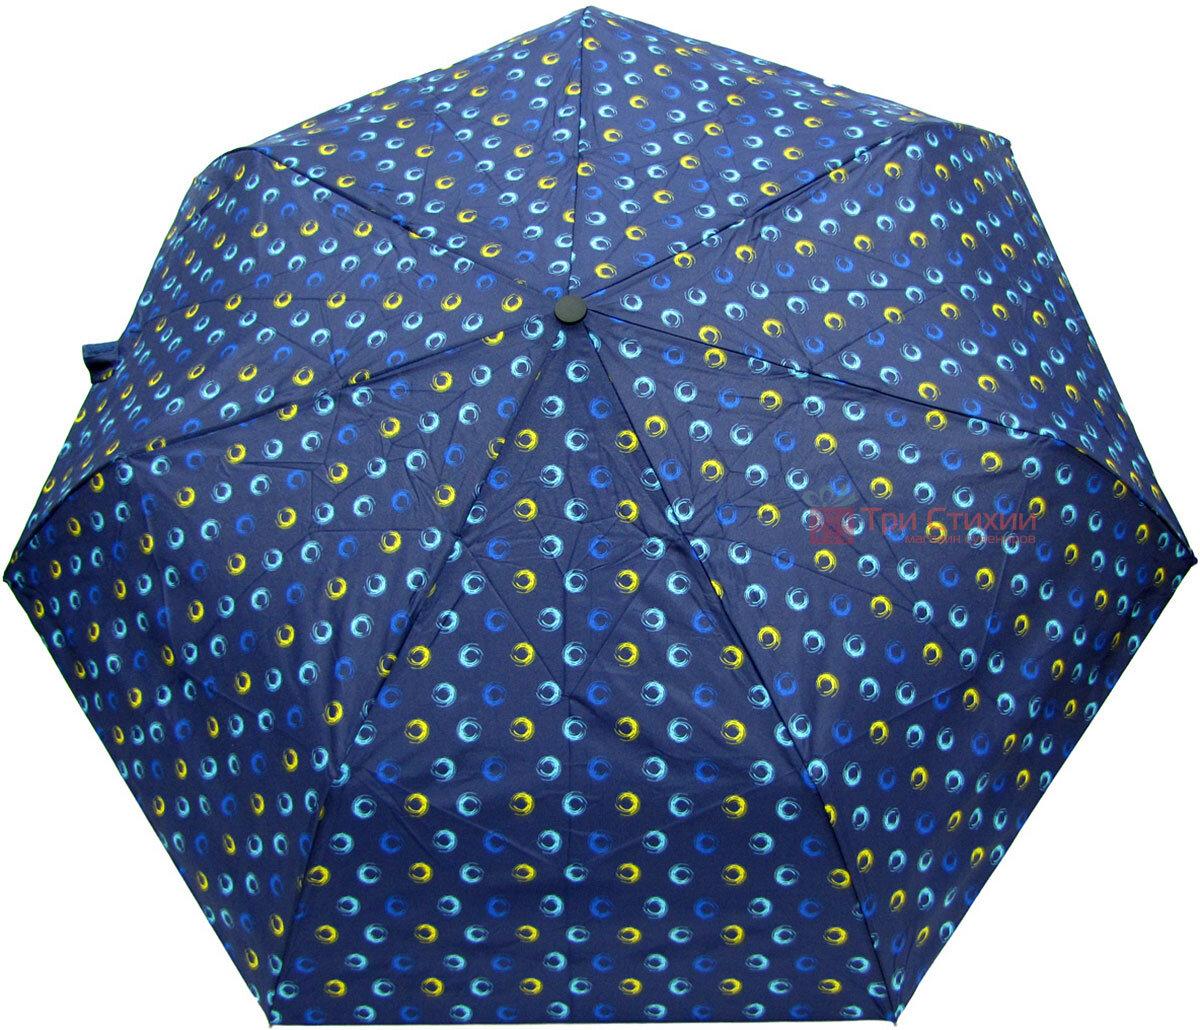 Зонт складной Derby 744165PHL-1 полный автомат Синий круги, Цвет: Синий, фото 2